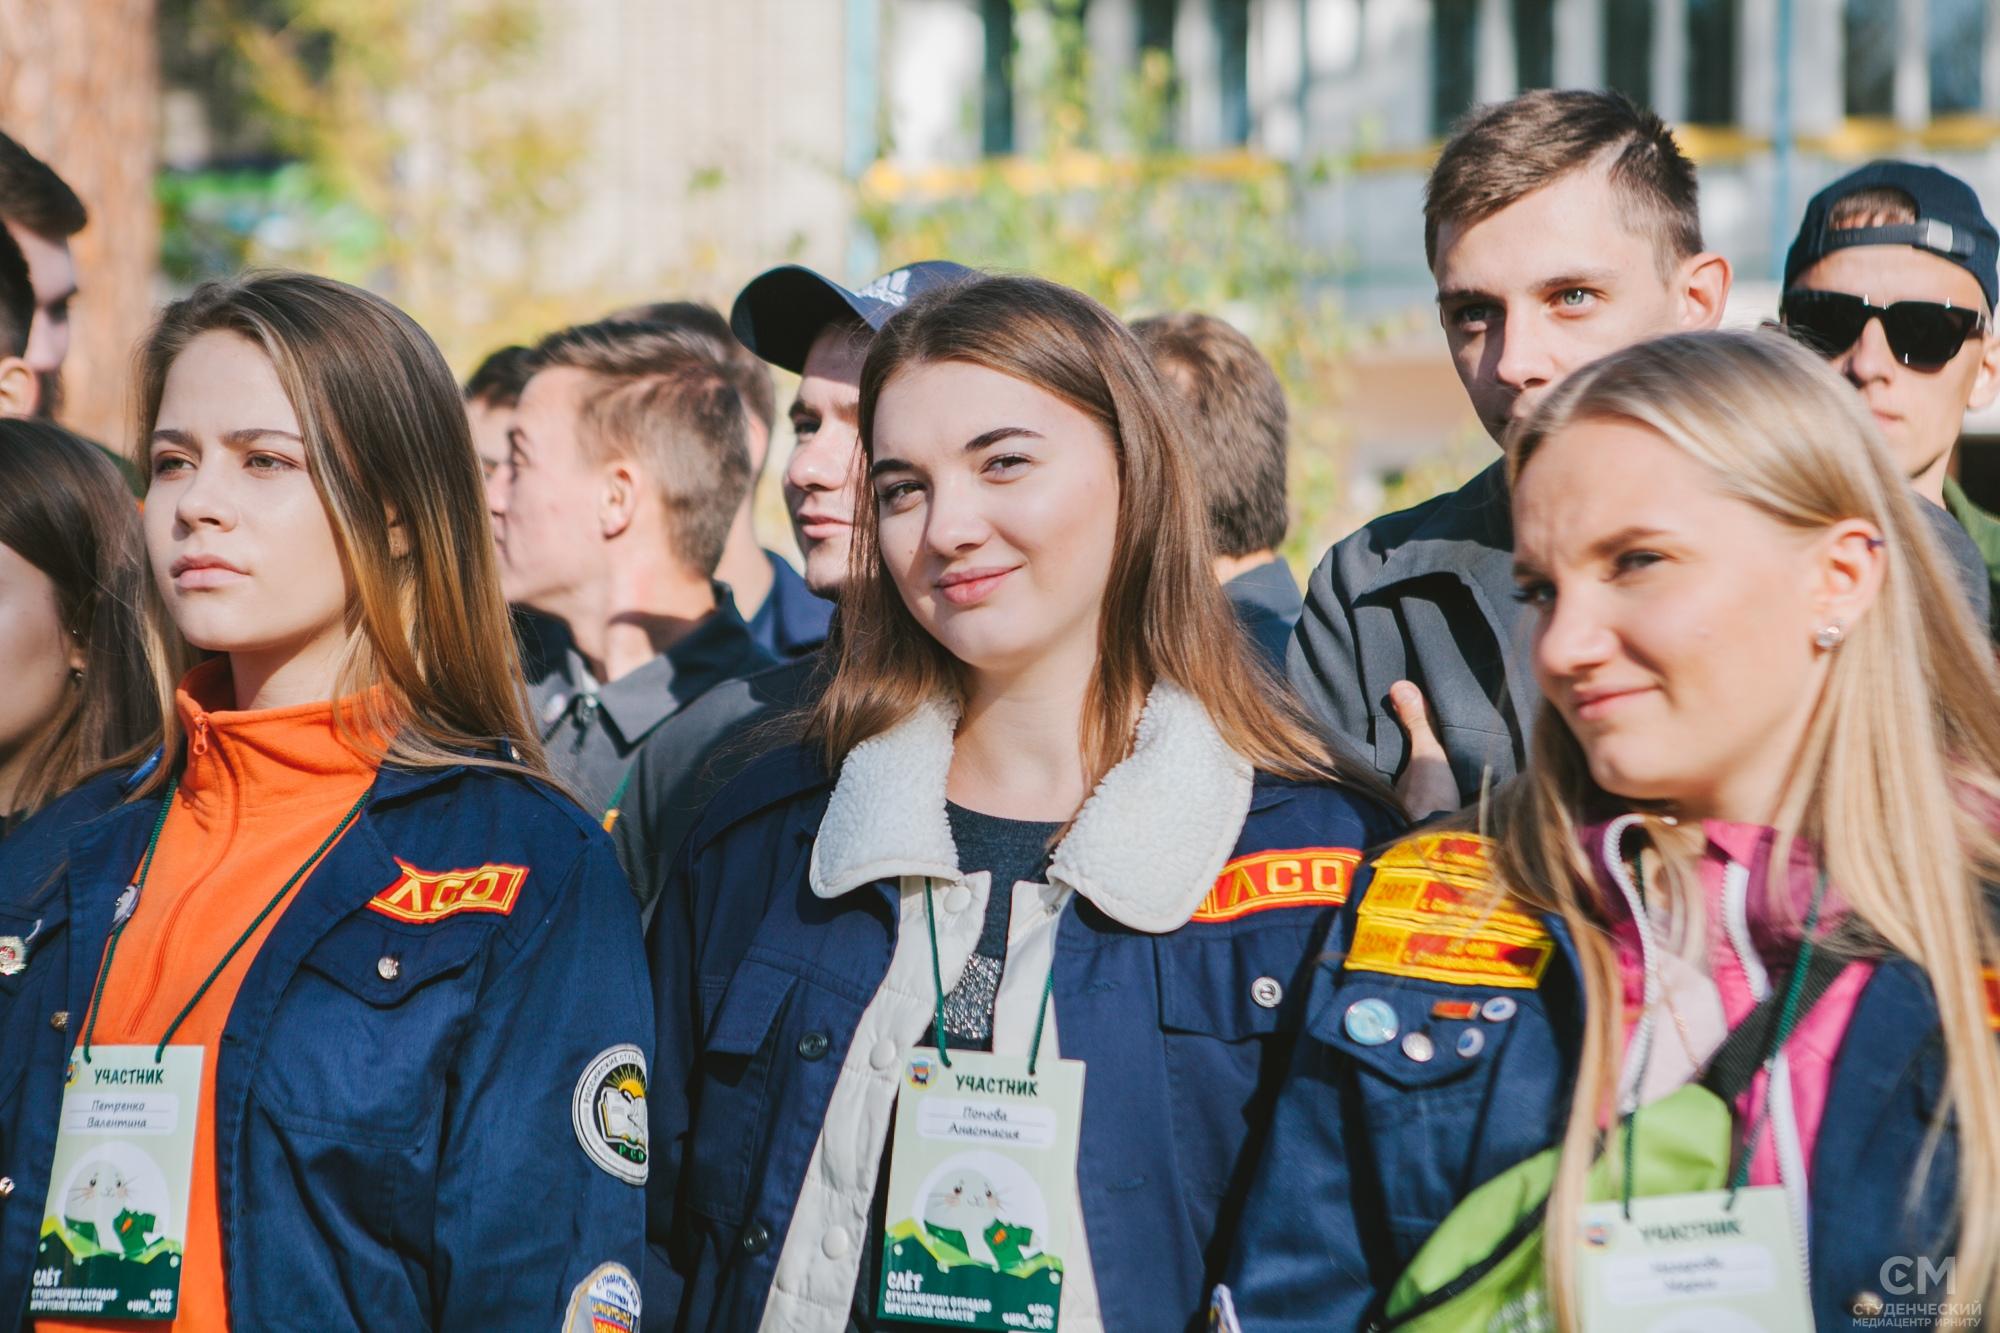 Конкурс среди студенческих отрядов Сибири и Дальнего Востока проведут бойцы РСО в Иркутской области